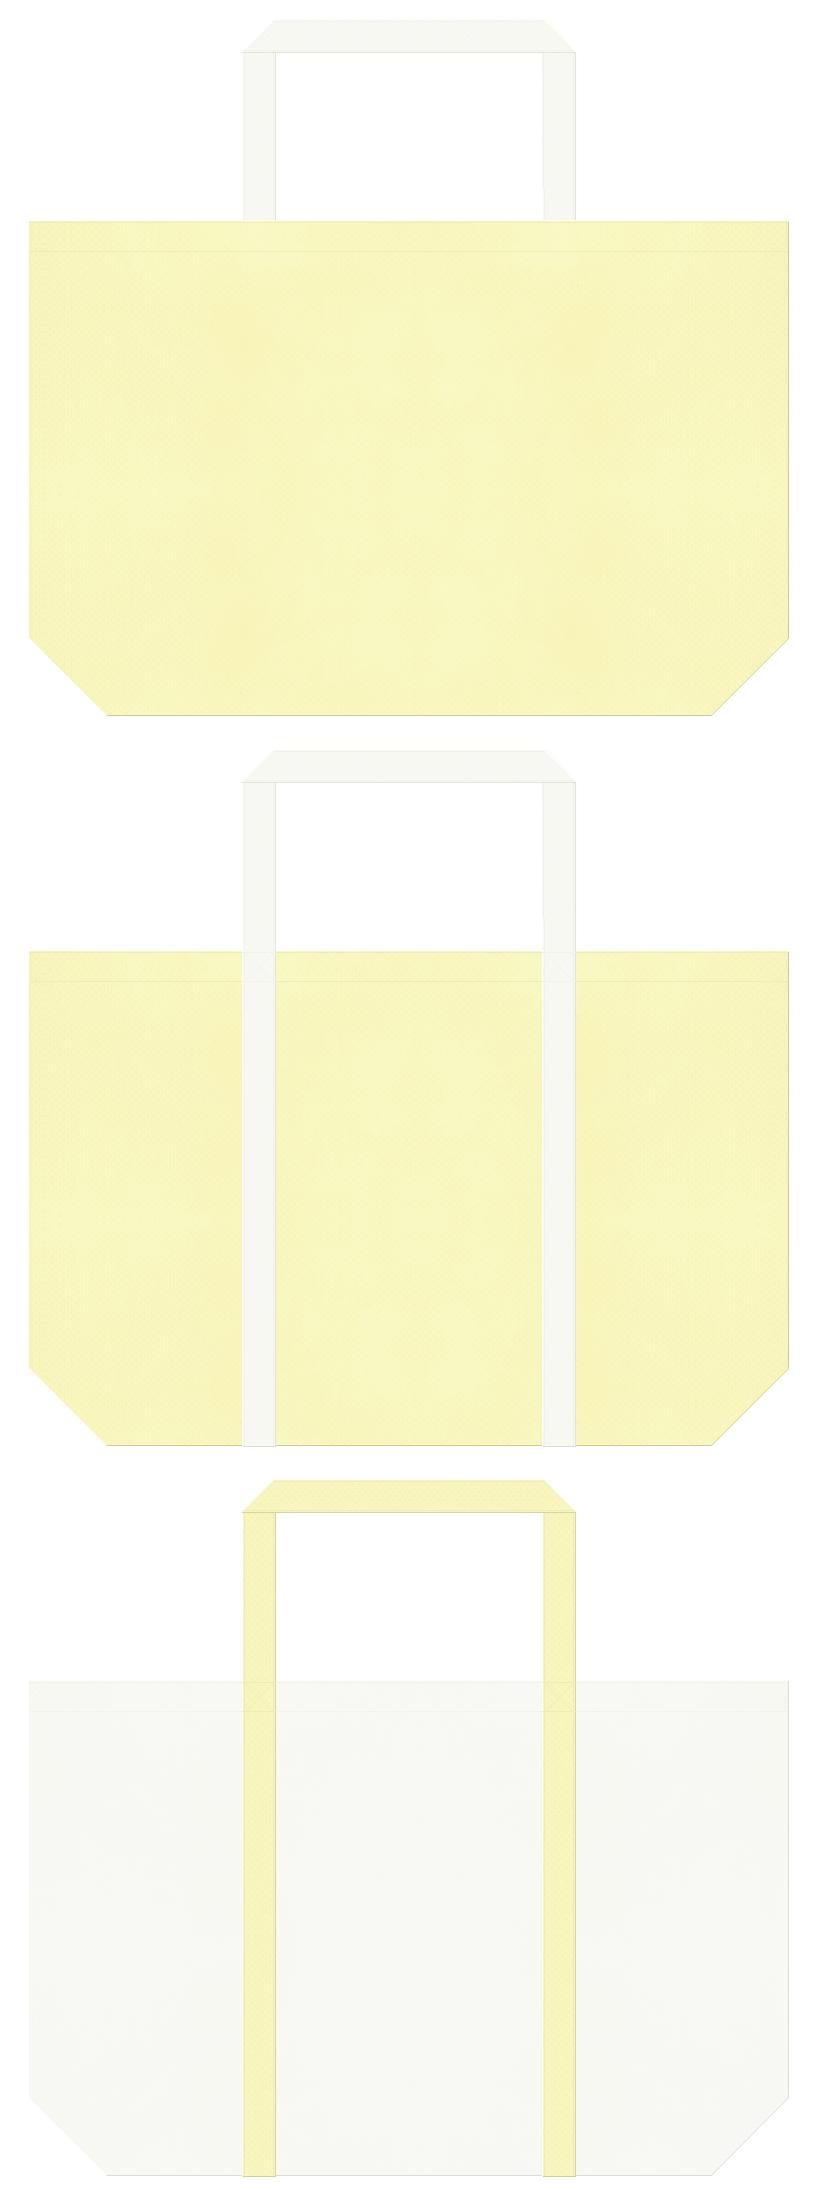 薄黄色とオフホワイト色の不織布マイバッグデザイン:ロールケーキ風の配色